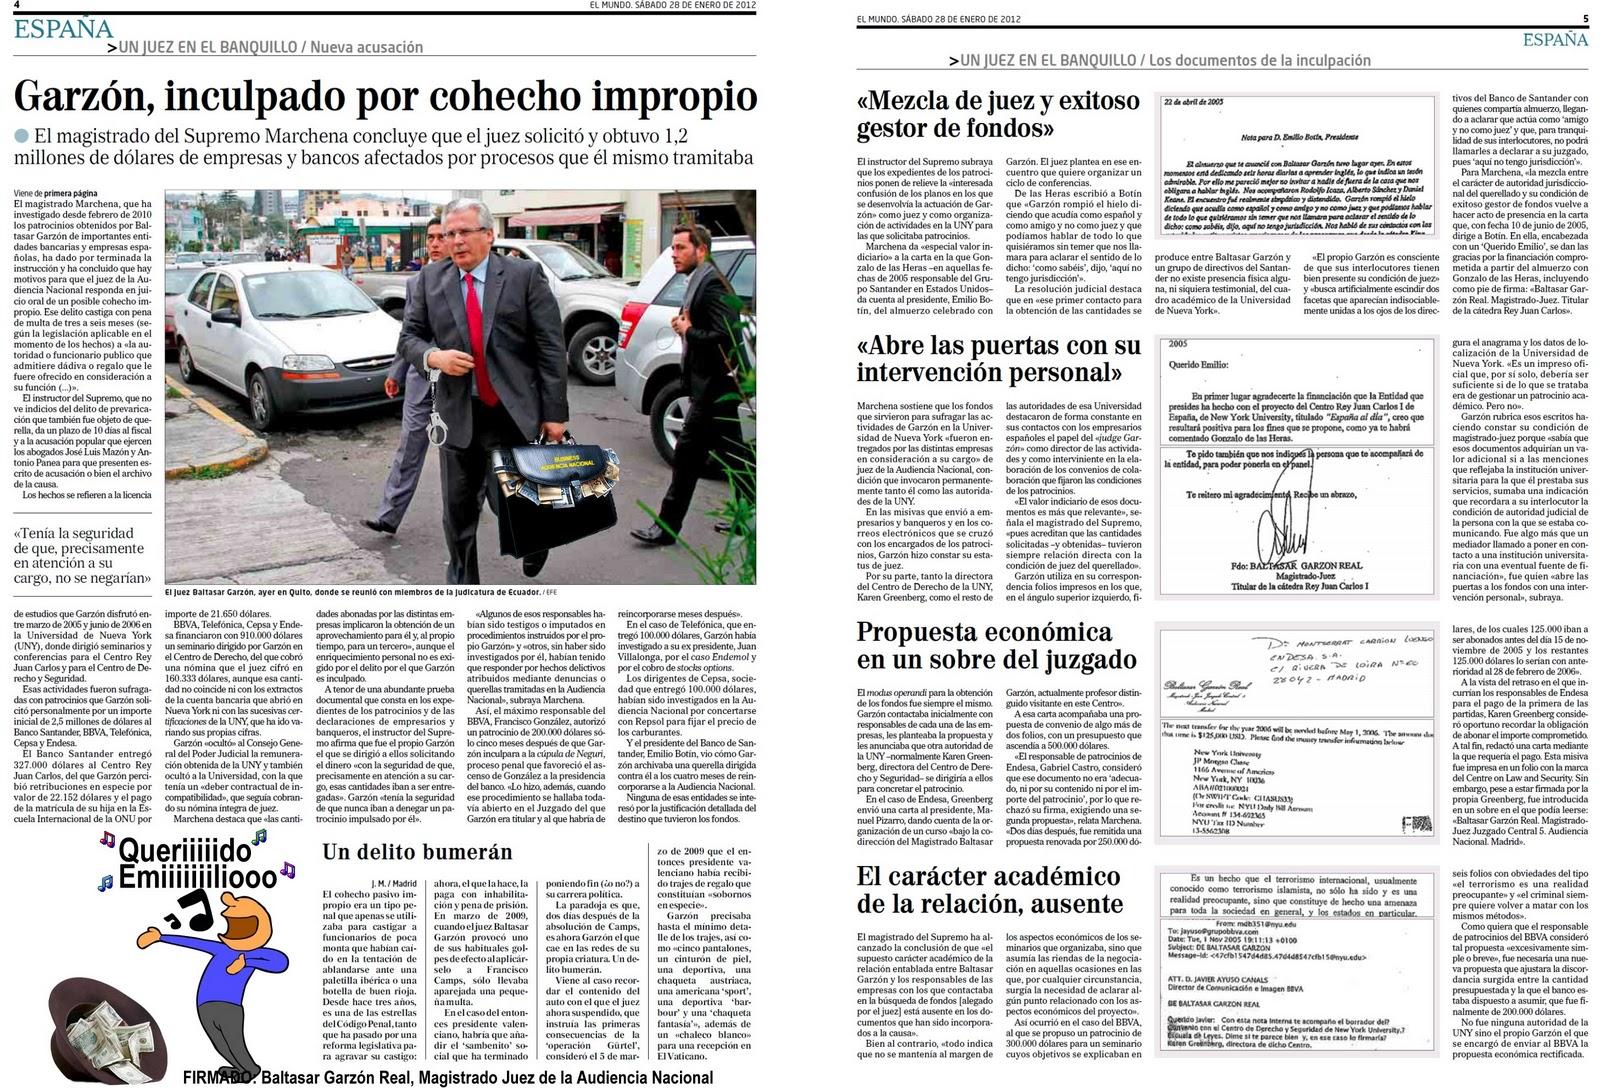 Pepiño Blanco, nº 2 del PSOE, está denunciado por chorizo por altos cargos socialistas, socialistas de base, por simpatizantes socialistas y por detractores del socialismo